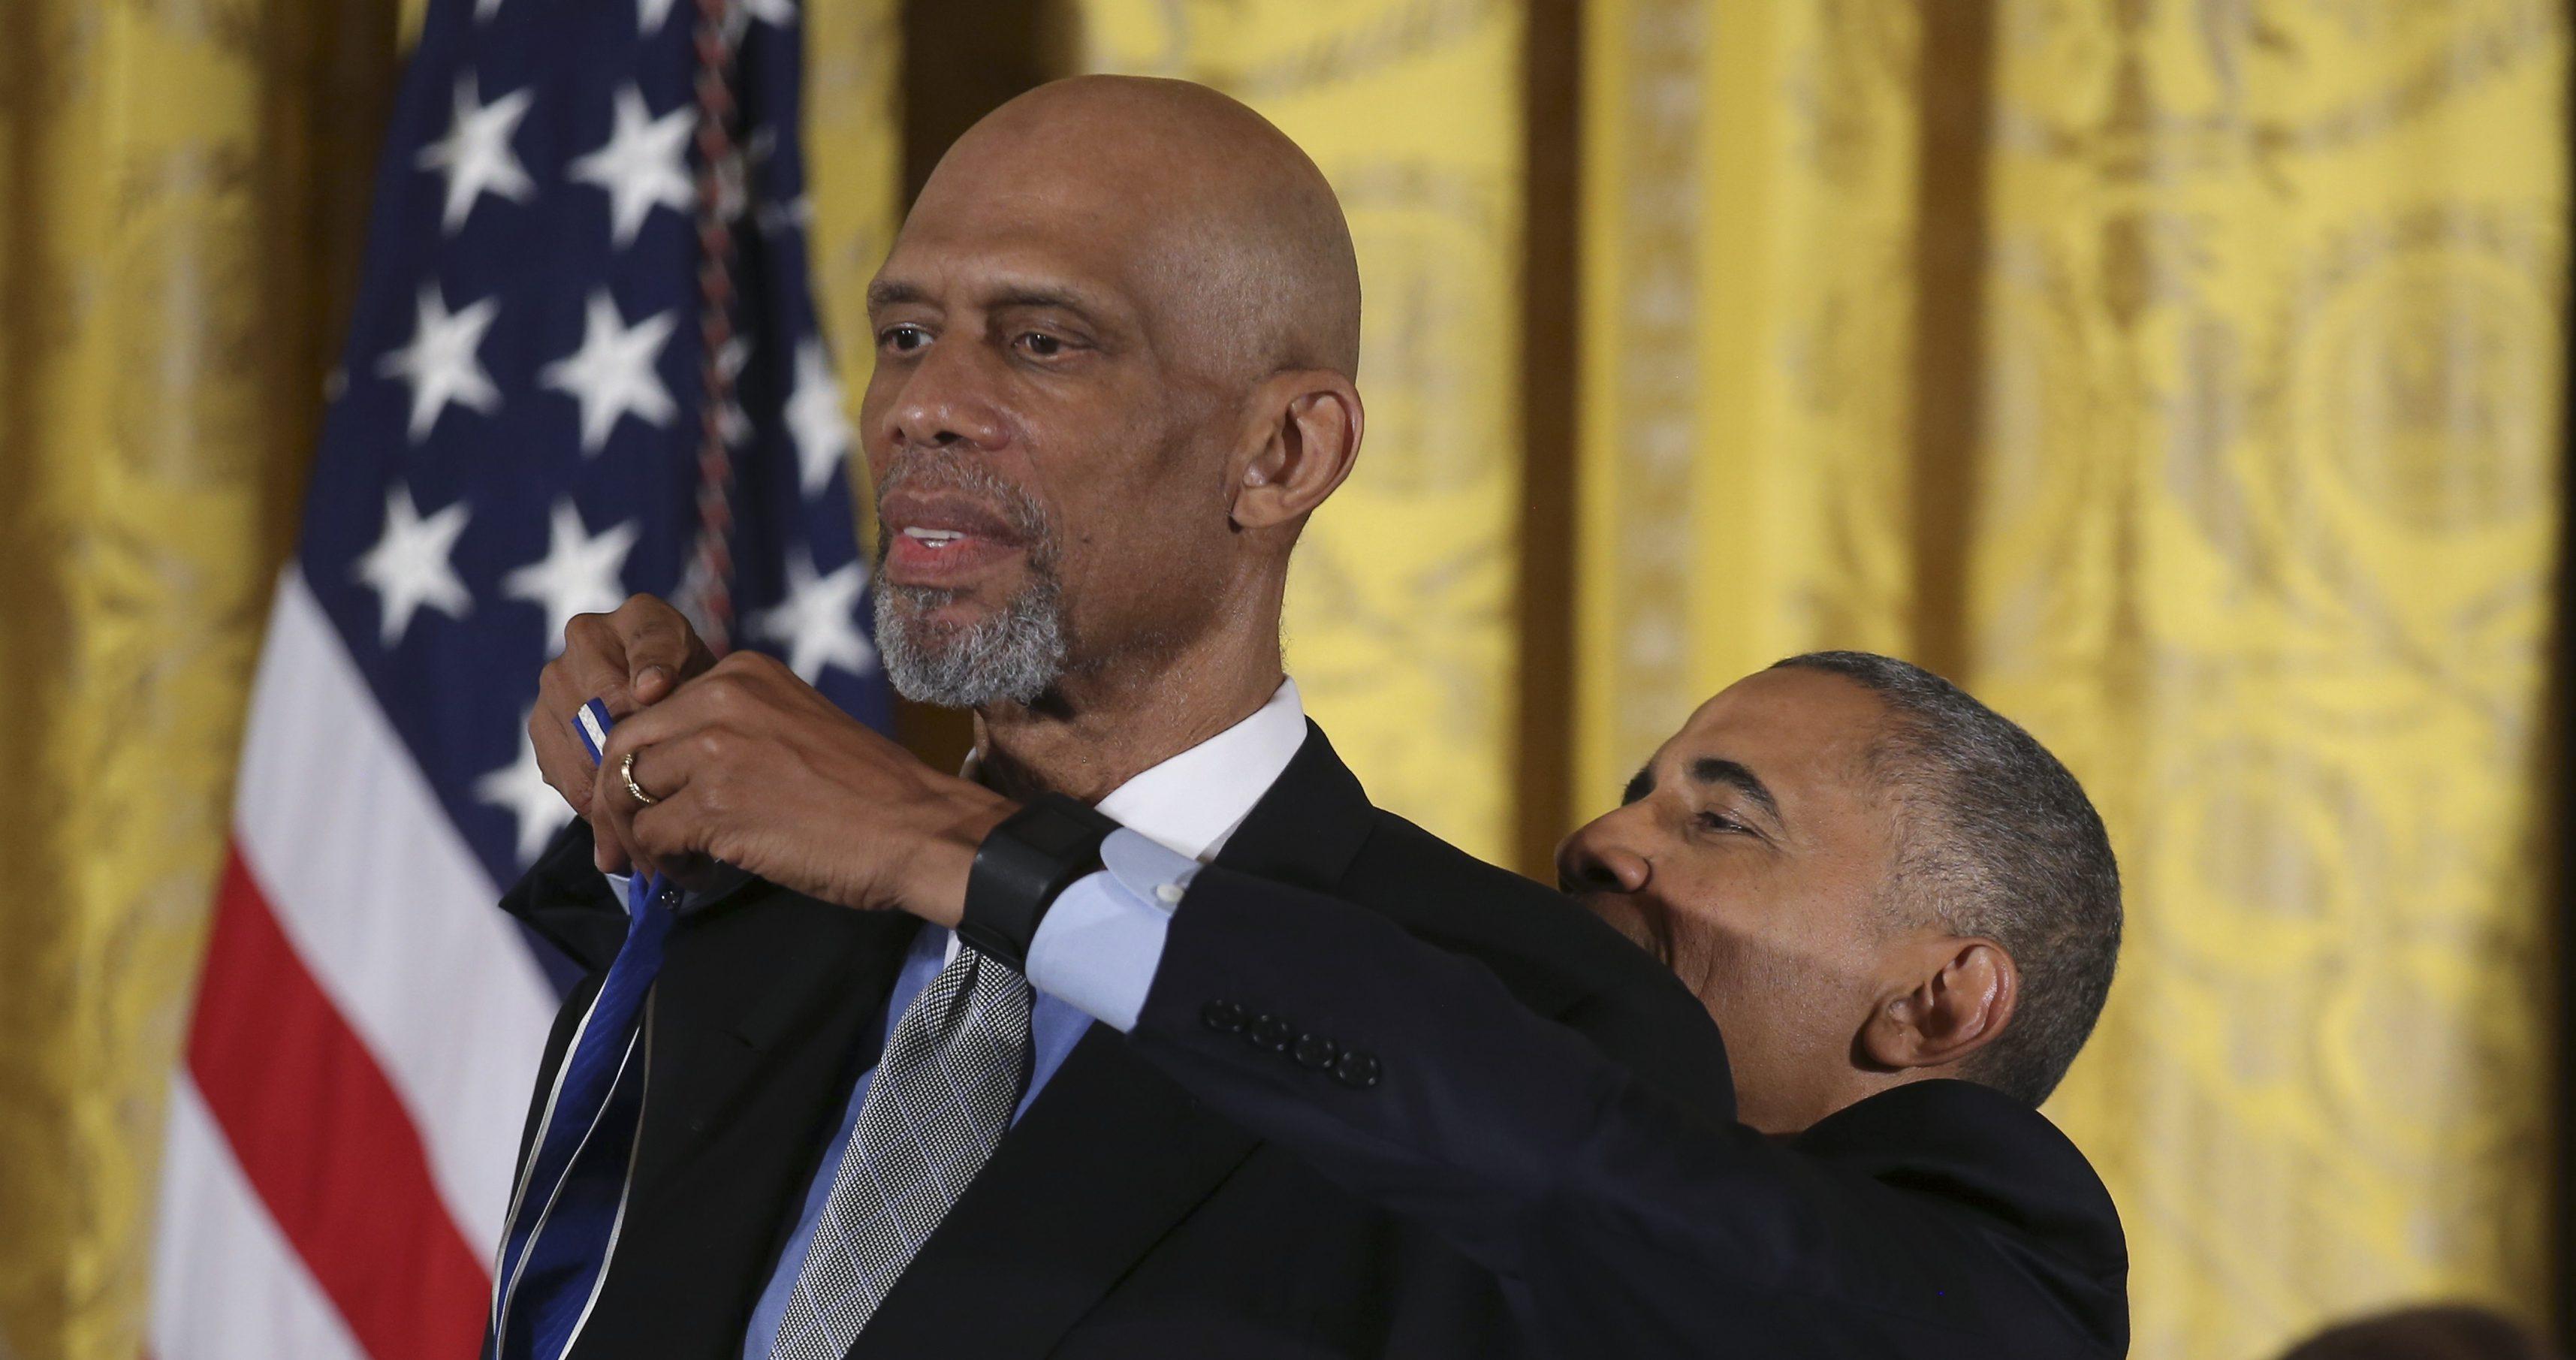 Obama Kareem Abdul-Jabbar